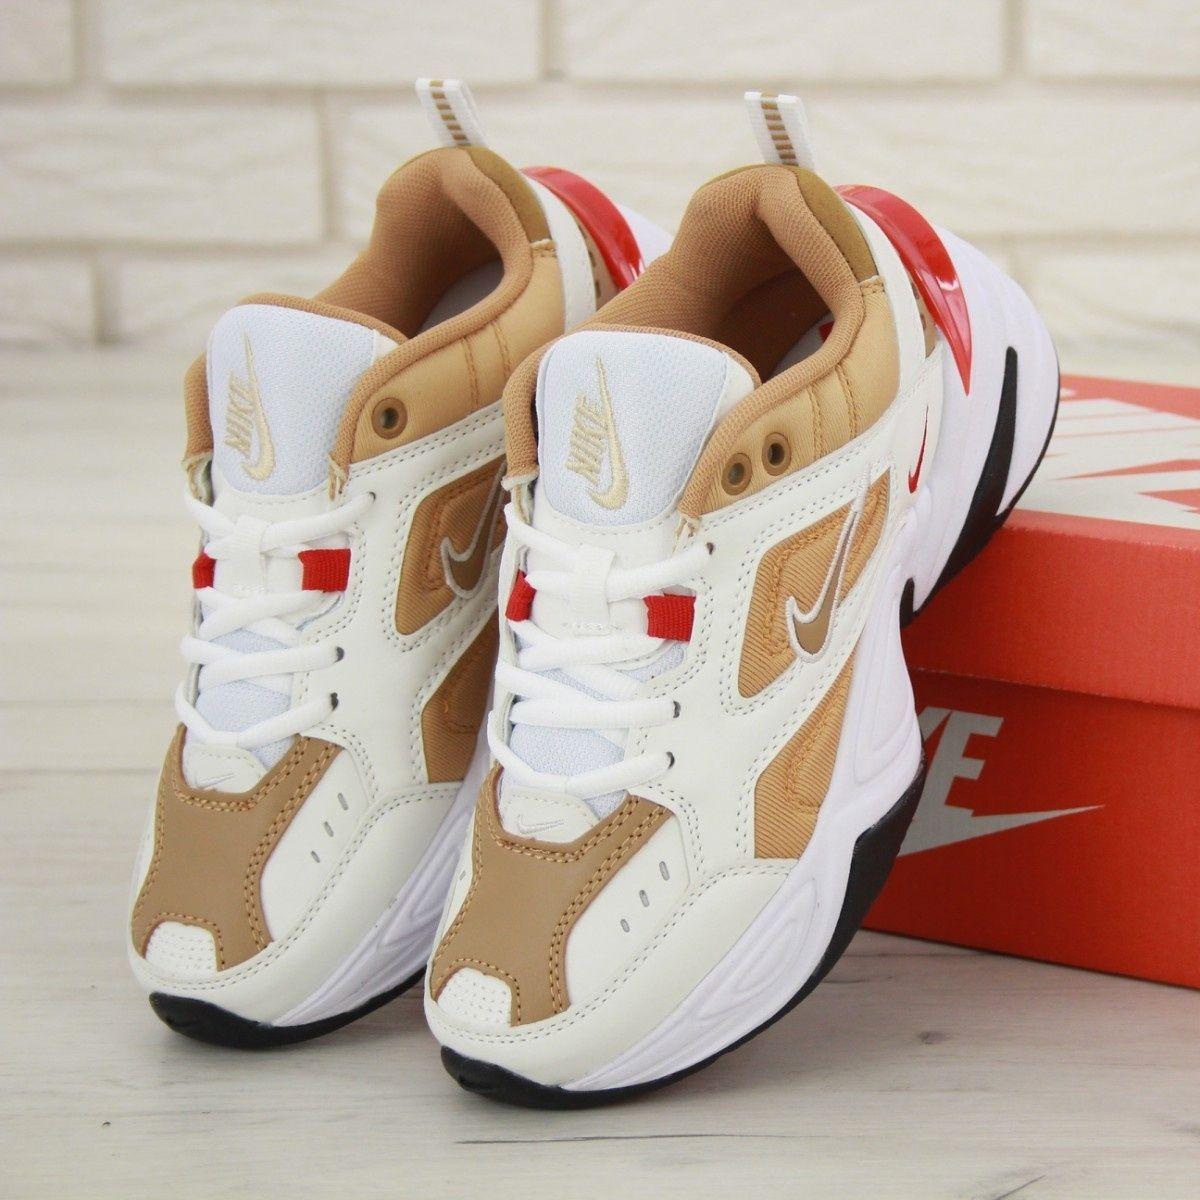 Женские кроссовки в стиле Nike M2k Tekno White/Gold